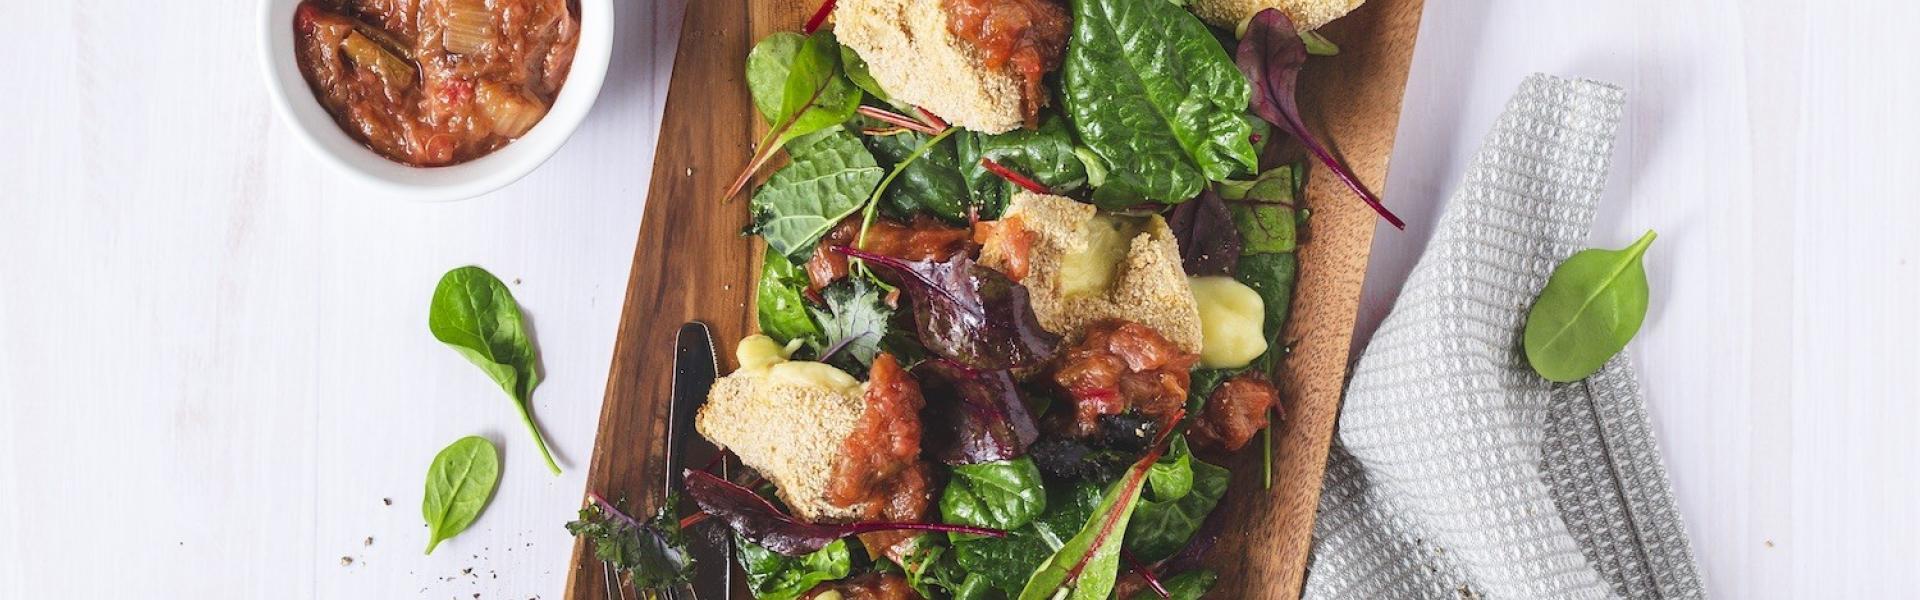 Panierter Camembert in Stücken auf Salat mit Chutney angerichtet.